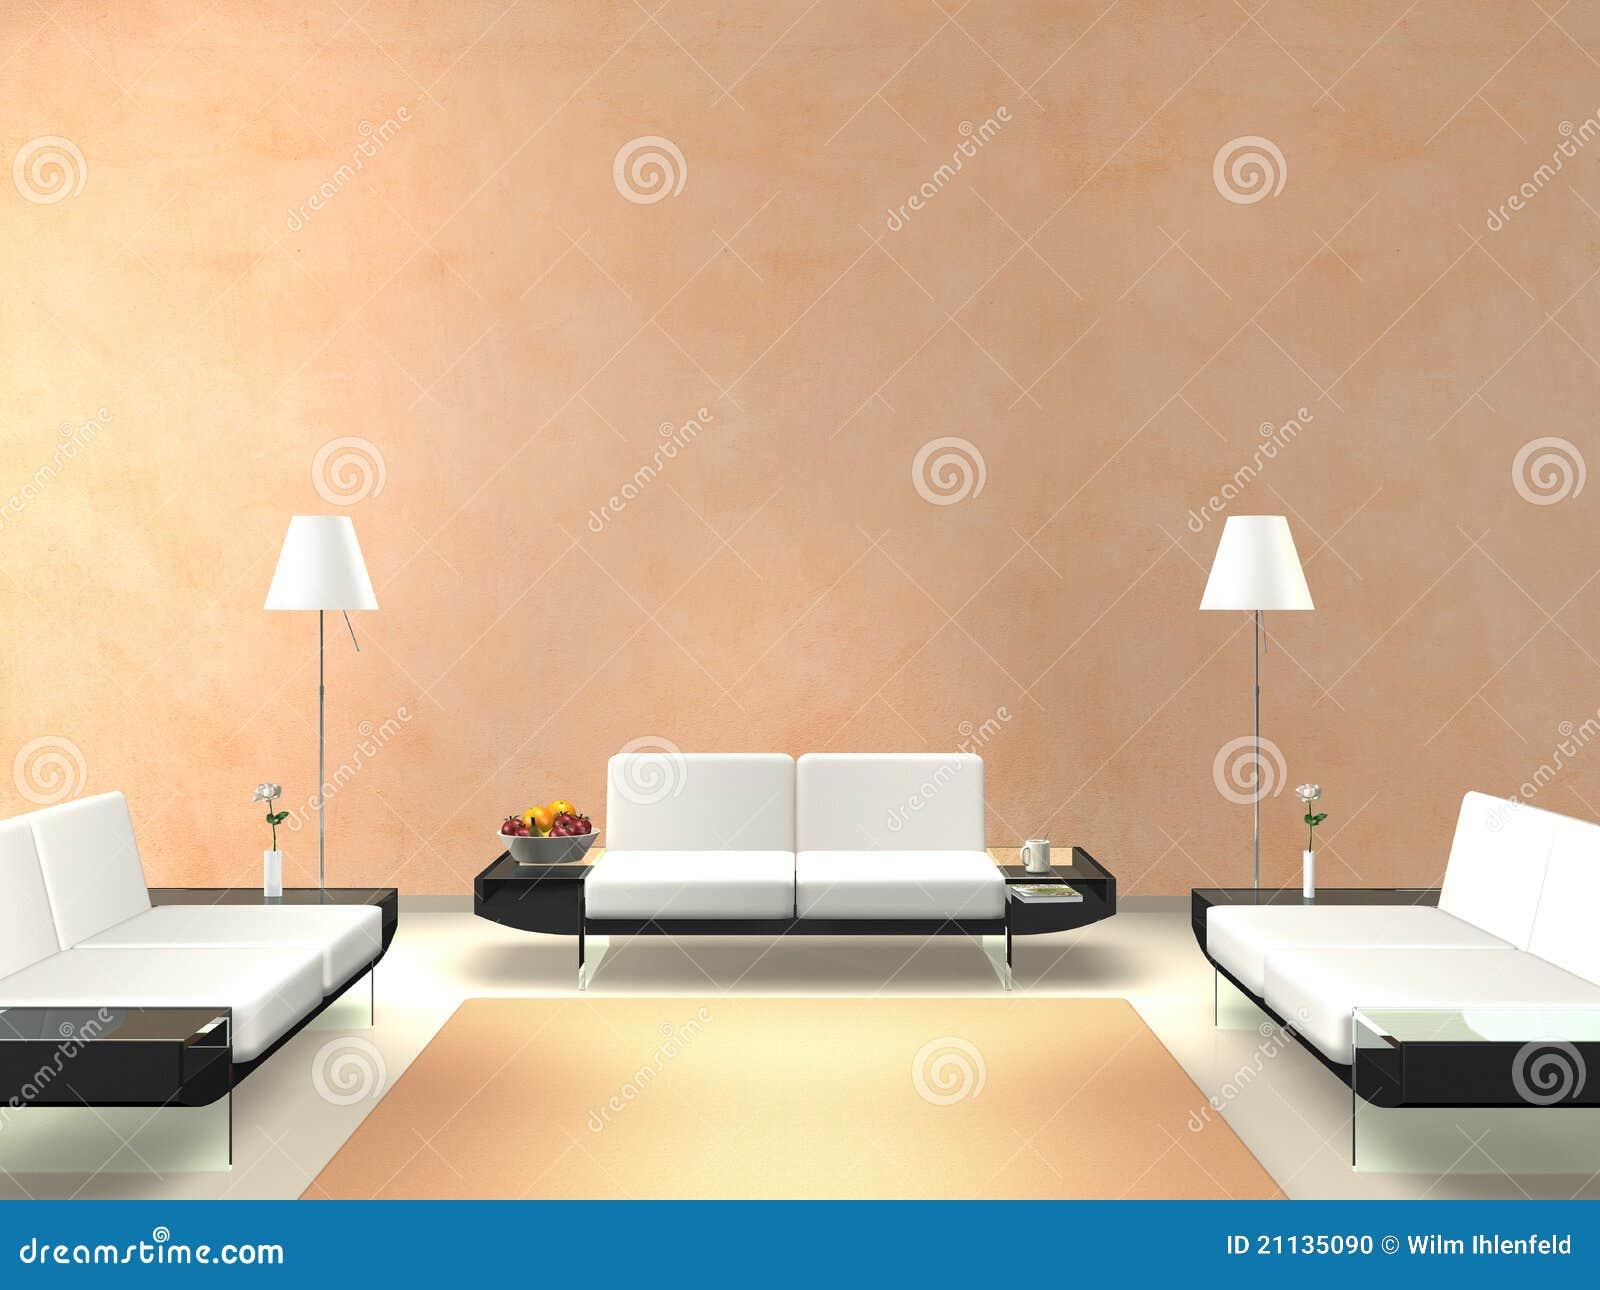 Sala De Estar Moderna Com Parede Salm O Colorida Ilustra O Stock  -> Sala Branca Com Parede Colorida